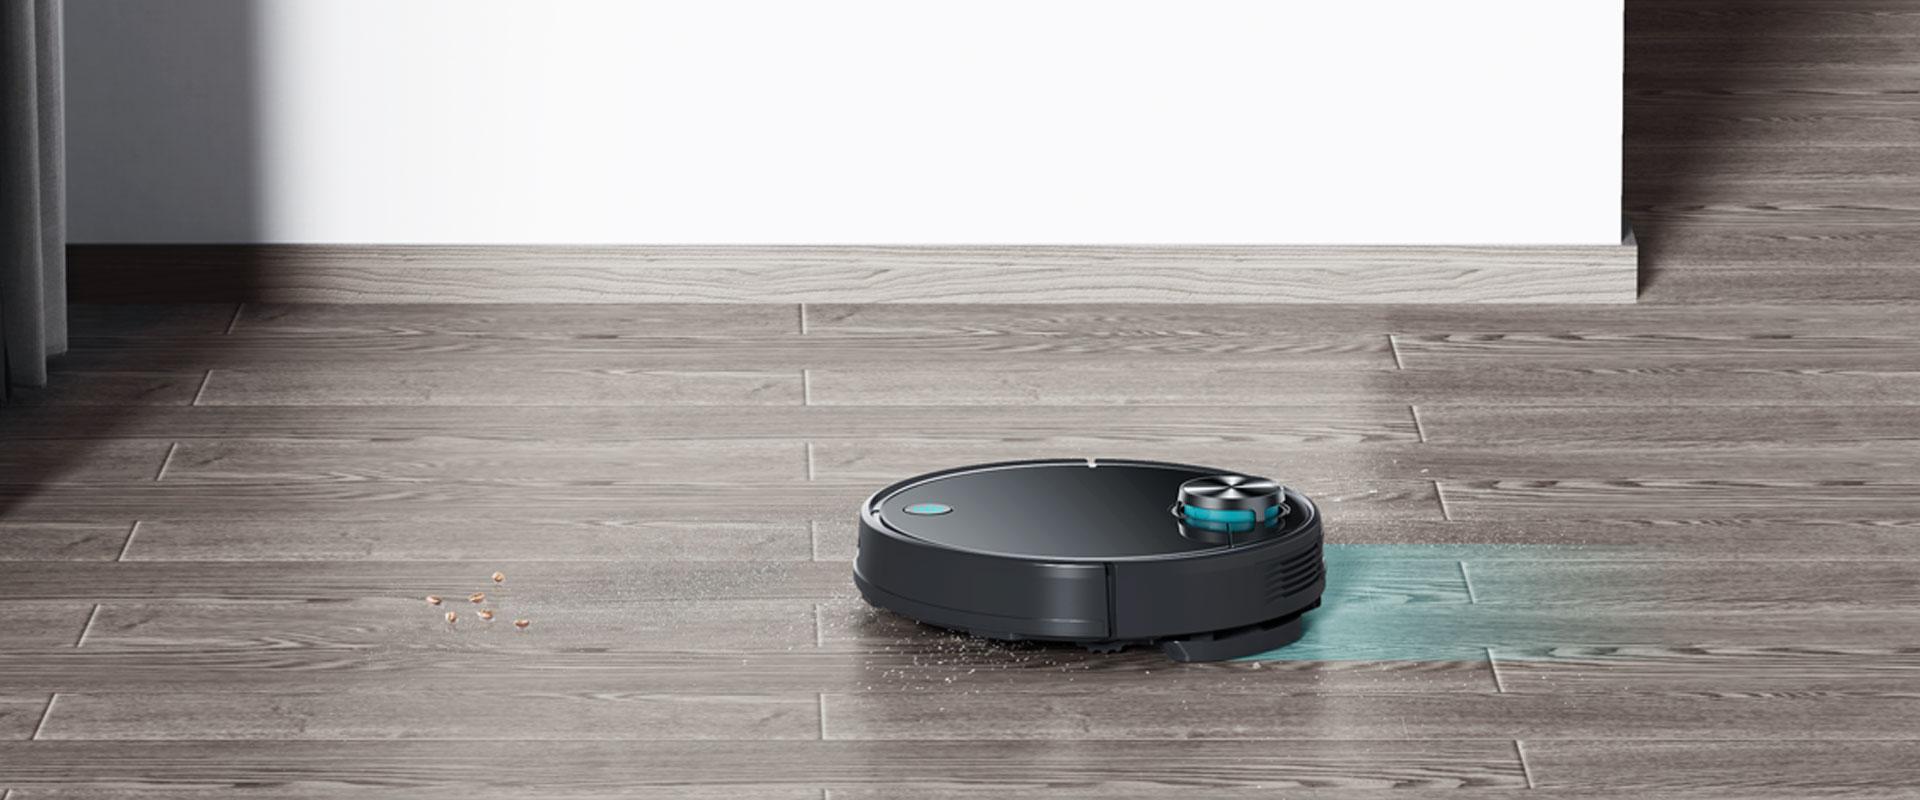 Viomi Robot Vacuum and Mop V3